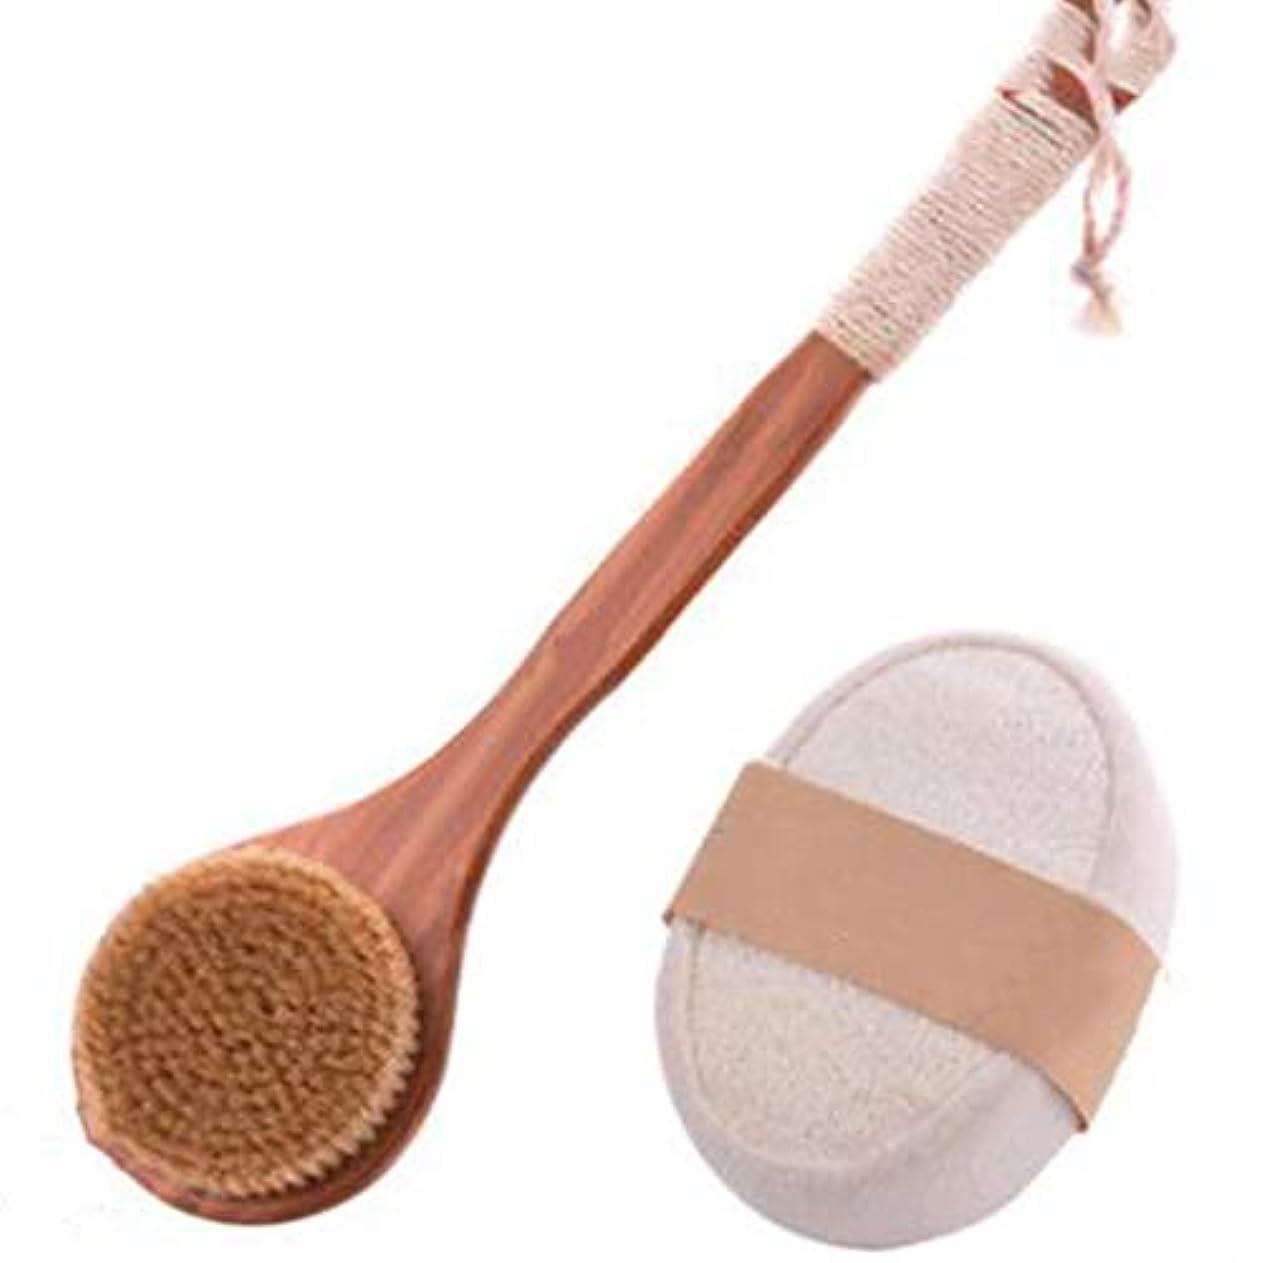 審判処方するはしご滑り止めロング木製ハンドル+タオルひょうたんスポンジバスブラシ付きドライバスボディブラシバックスクラバー